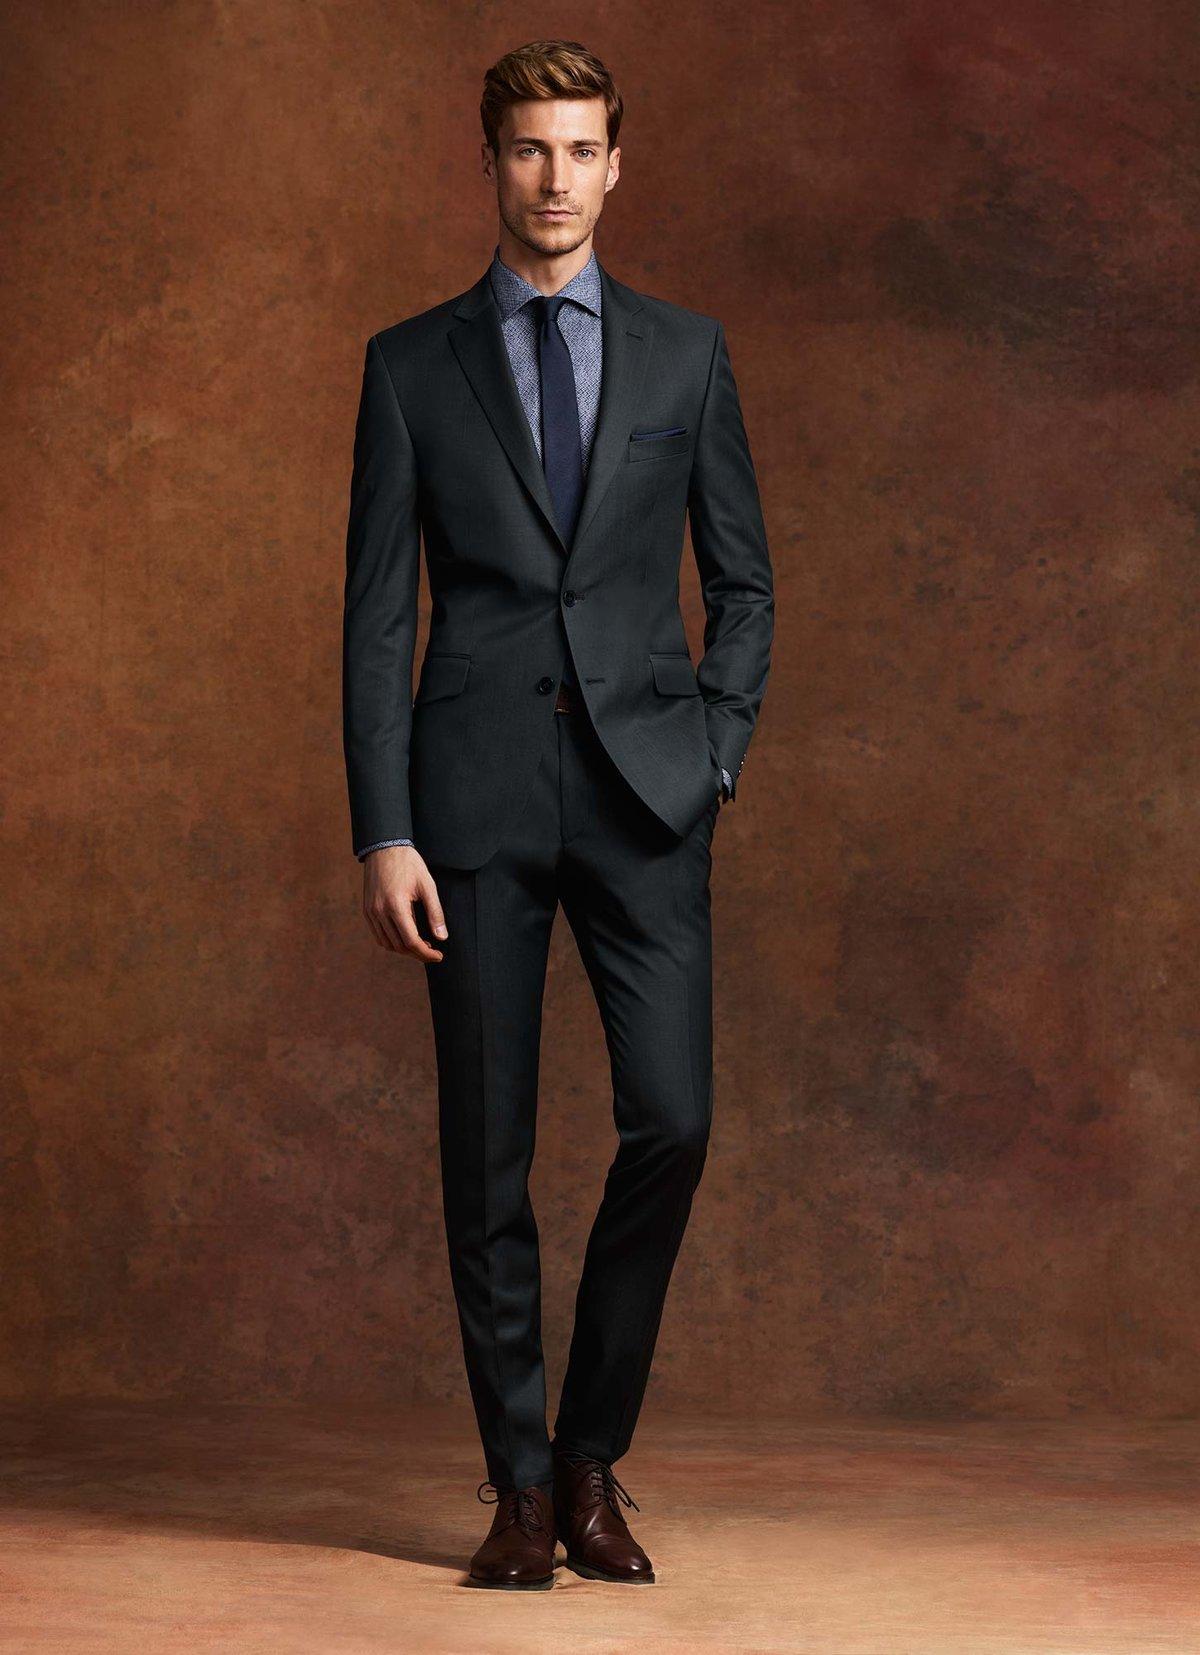 Картинки классической одежды мужчин